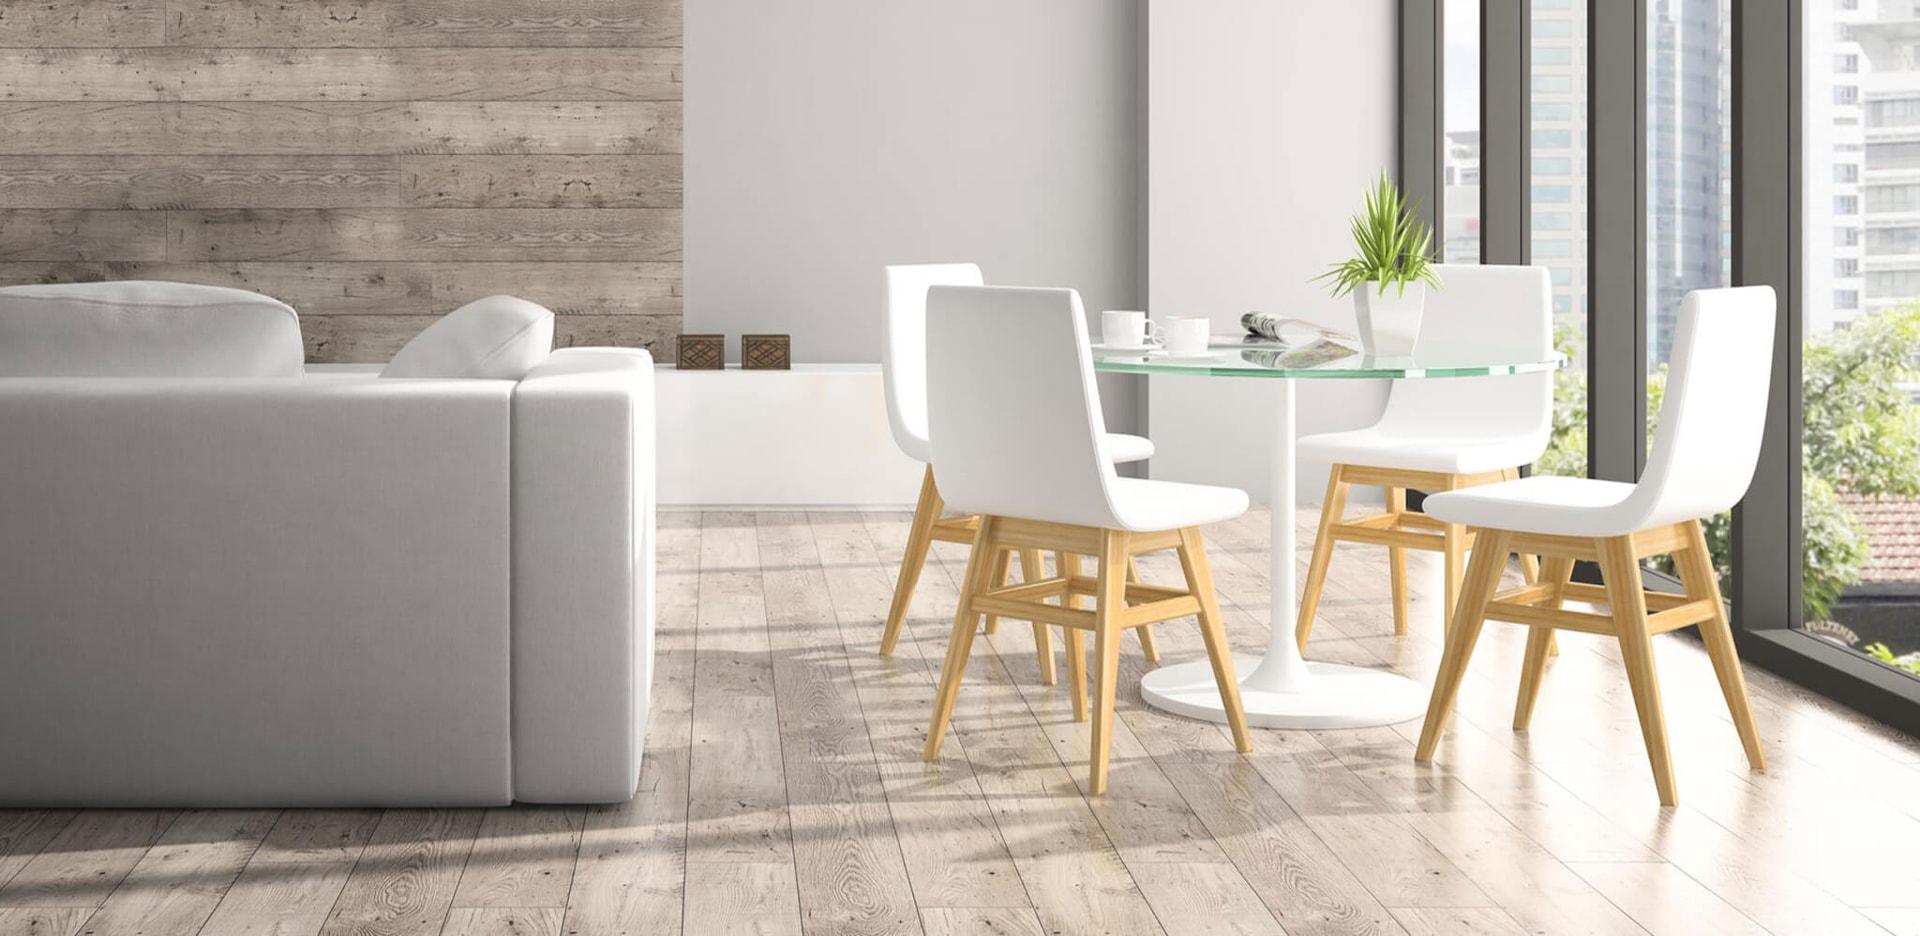 Azienda panatta arredamenti roma mobili e interior design - Offerte lavoro interior designer roma ...